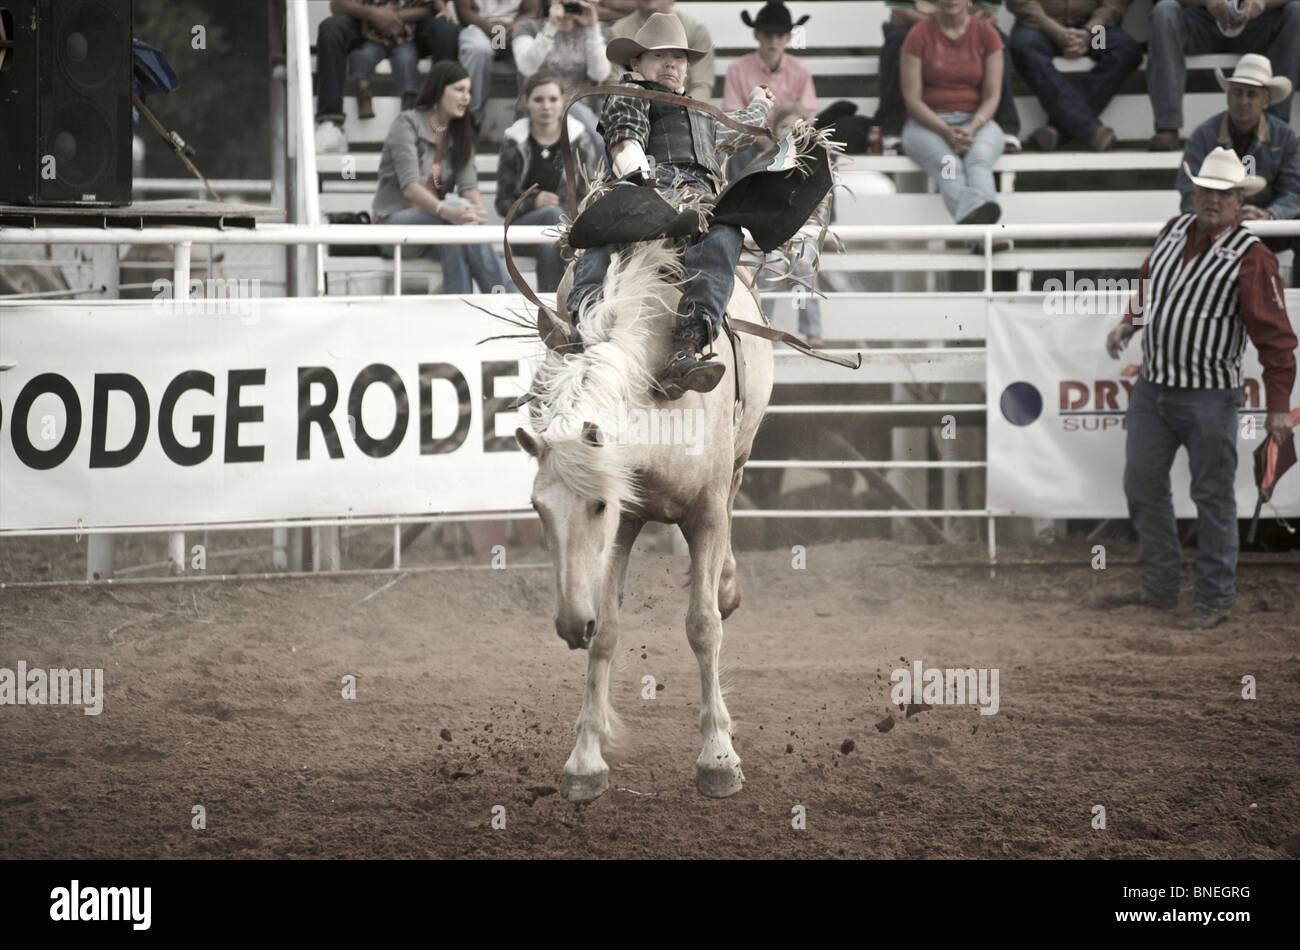 L'essayant de jeter Rodeo Cowboy membre de l'érythroblastopénie à partir de son retour à Petite-ville, Bridgeport, Texas, États-Unis Banque D'Images